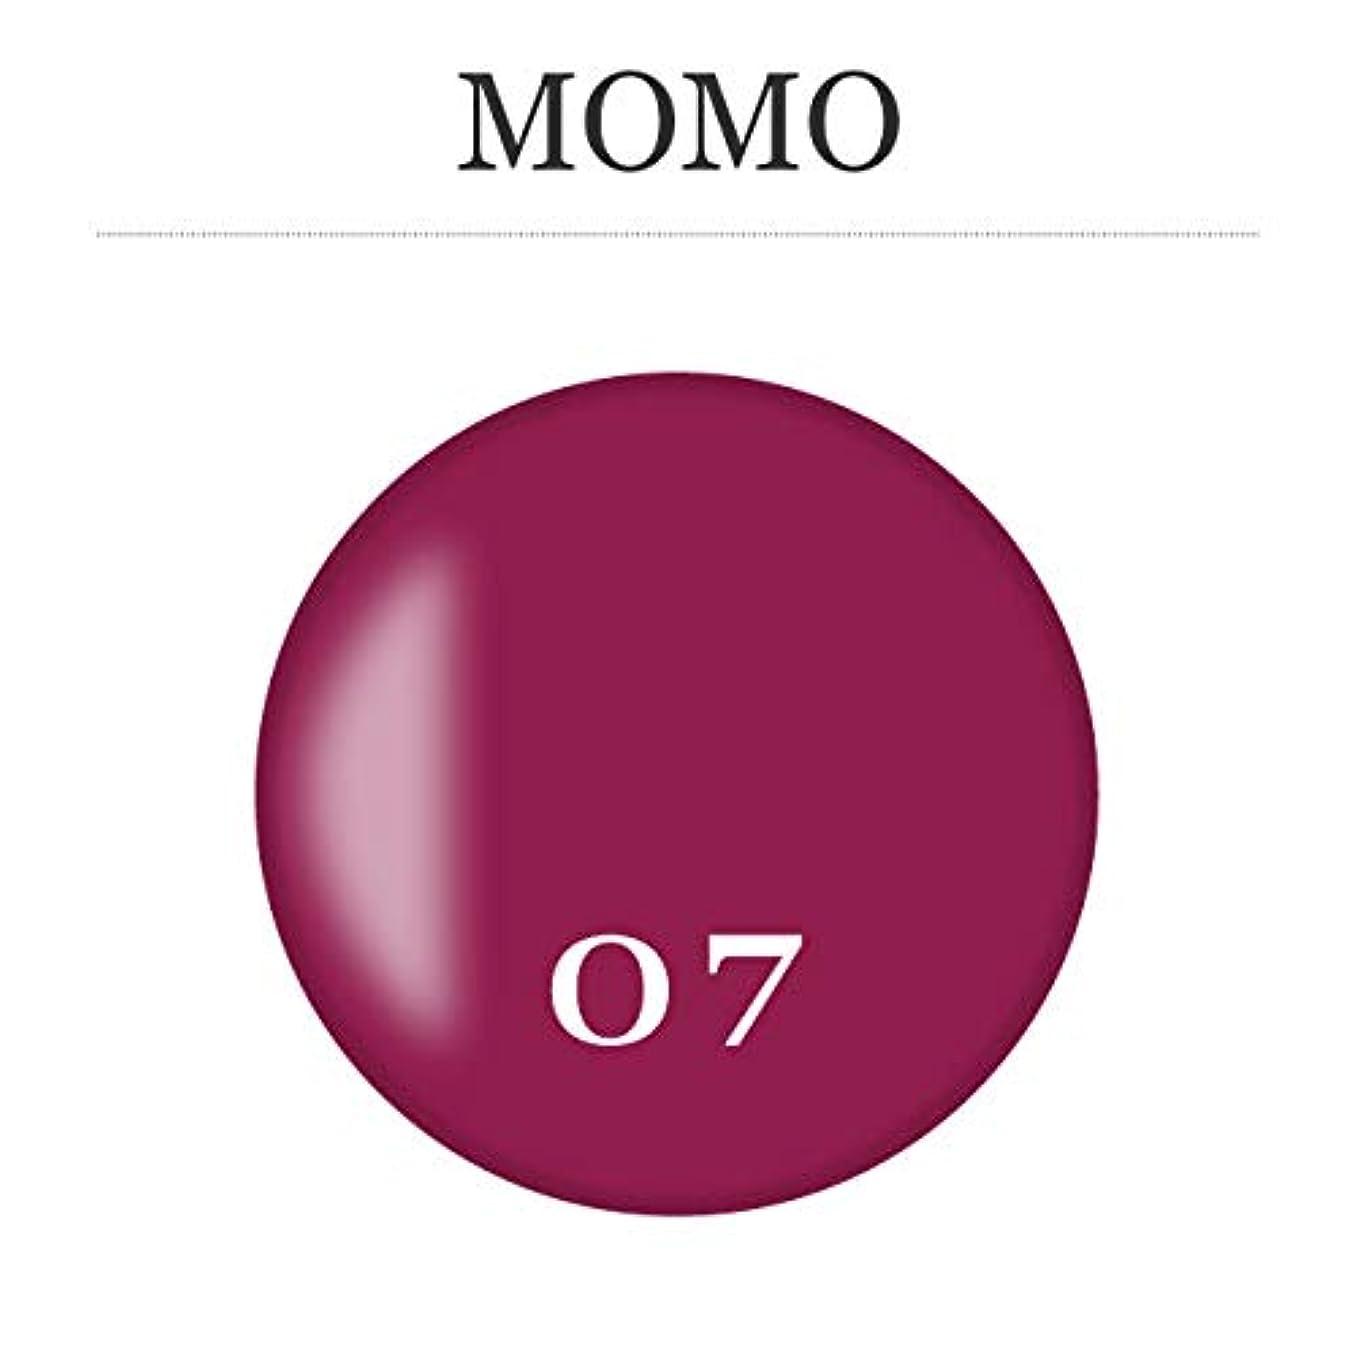 山パン名義でカラージェル MOMO-07 by nail for all